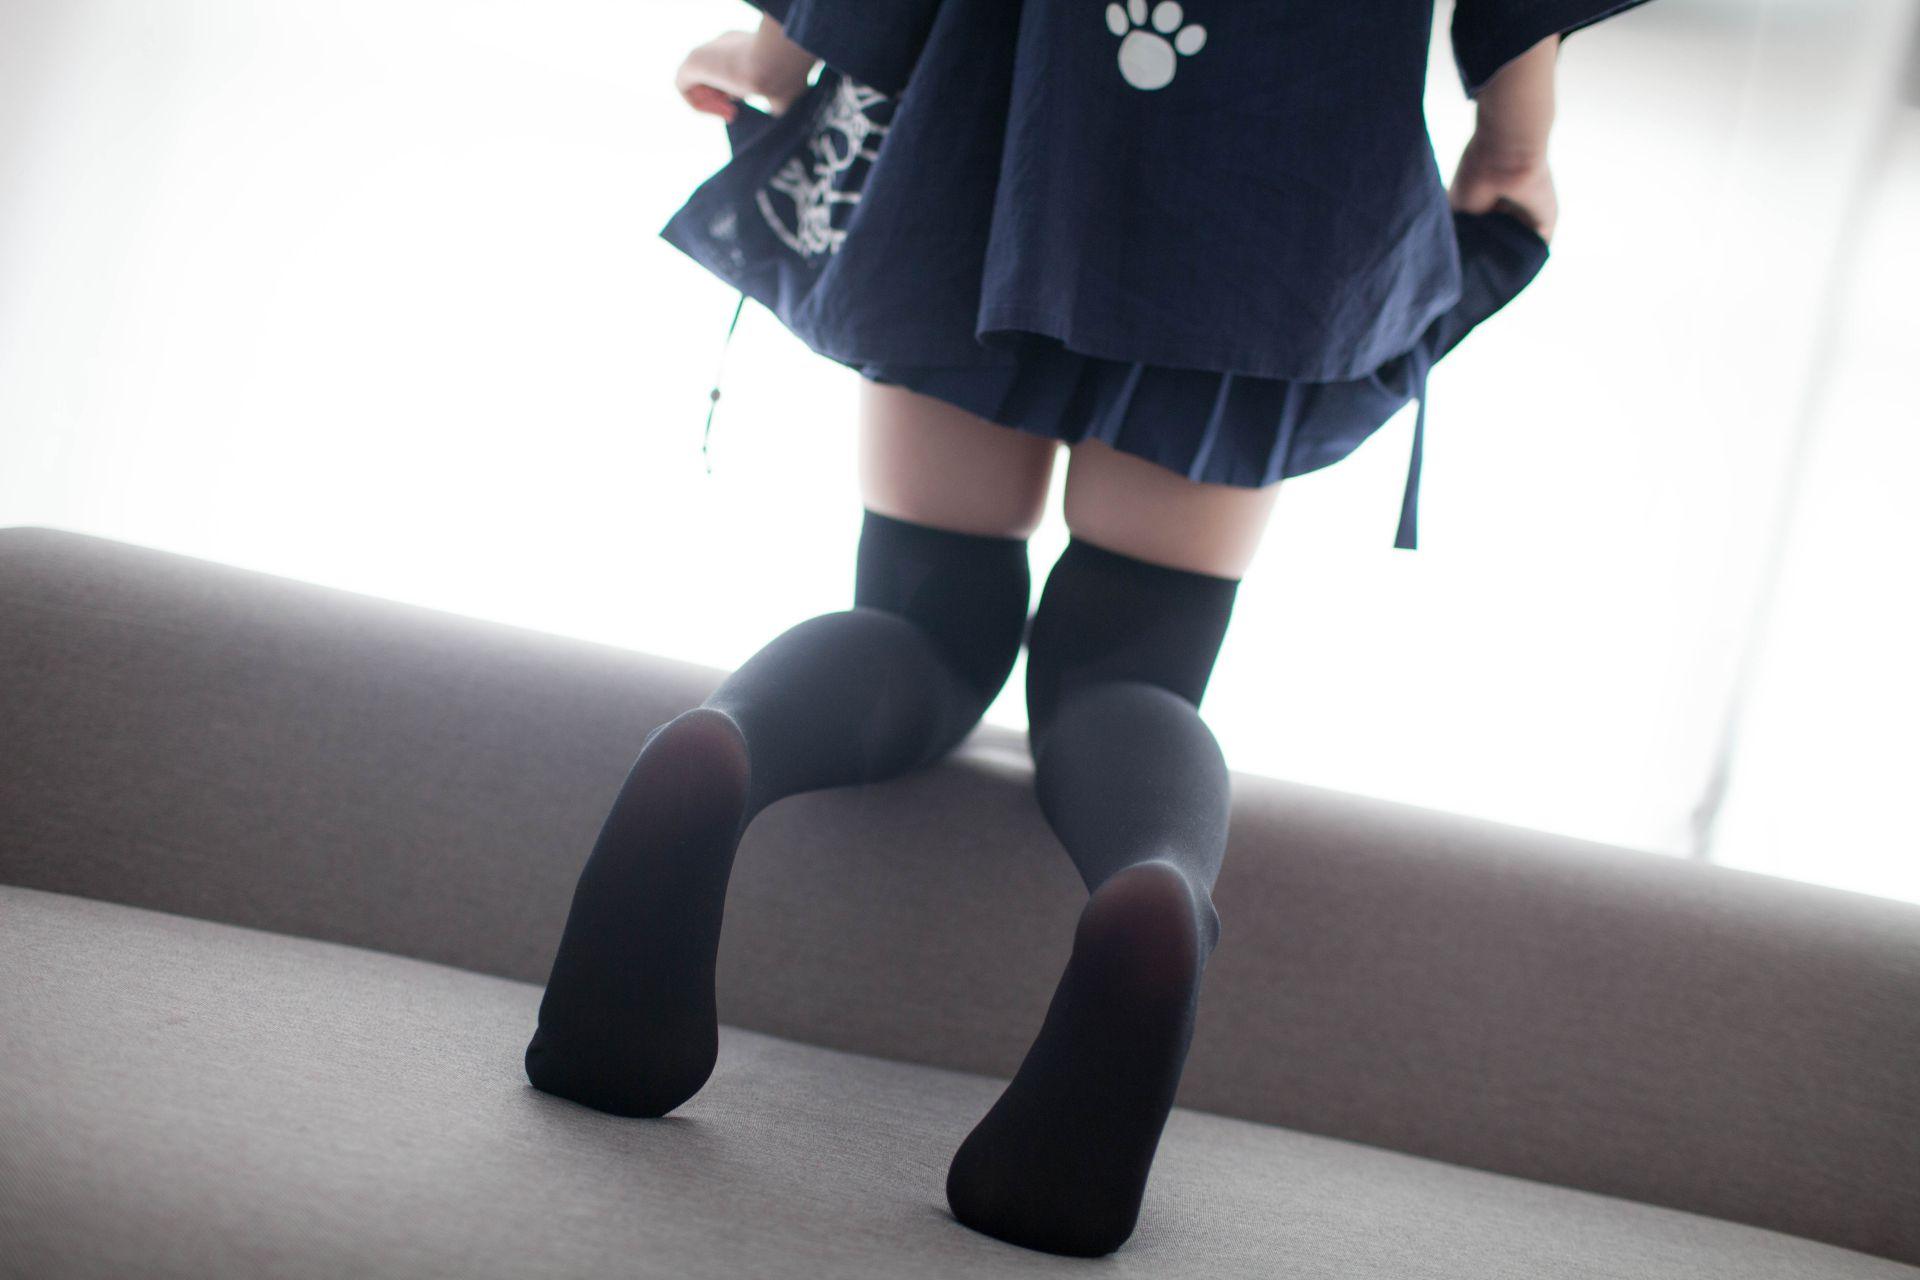 少女秩序 VOL.006 新买的黑丝 兔玩映画 第48张